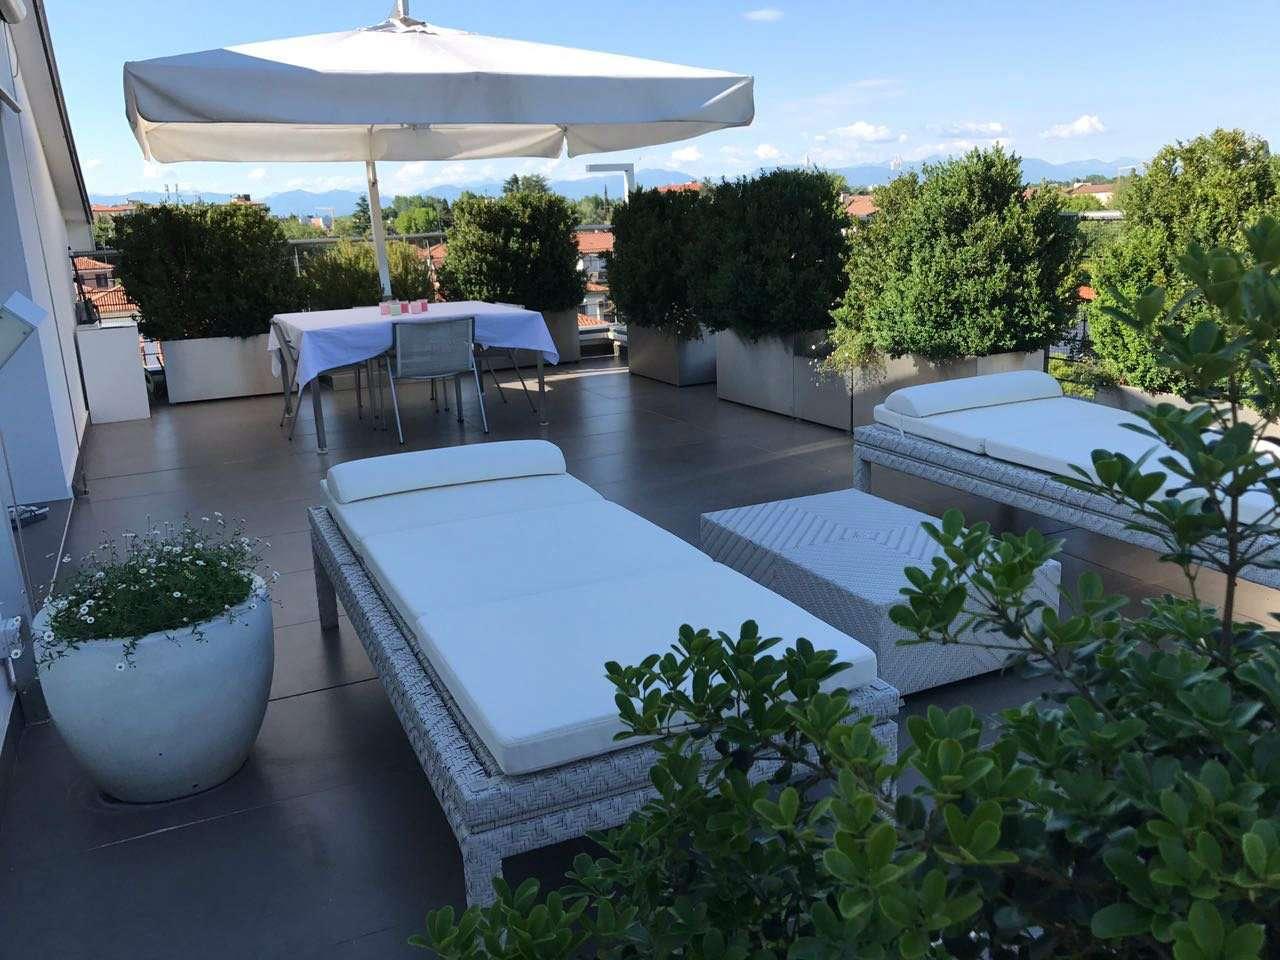 Attico / Mansarda in vendita a Treviso, 4 locali, prezzo € 930.000 | CambioCasa.it